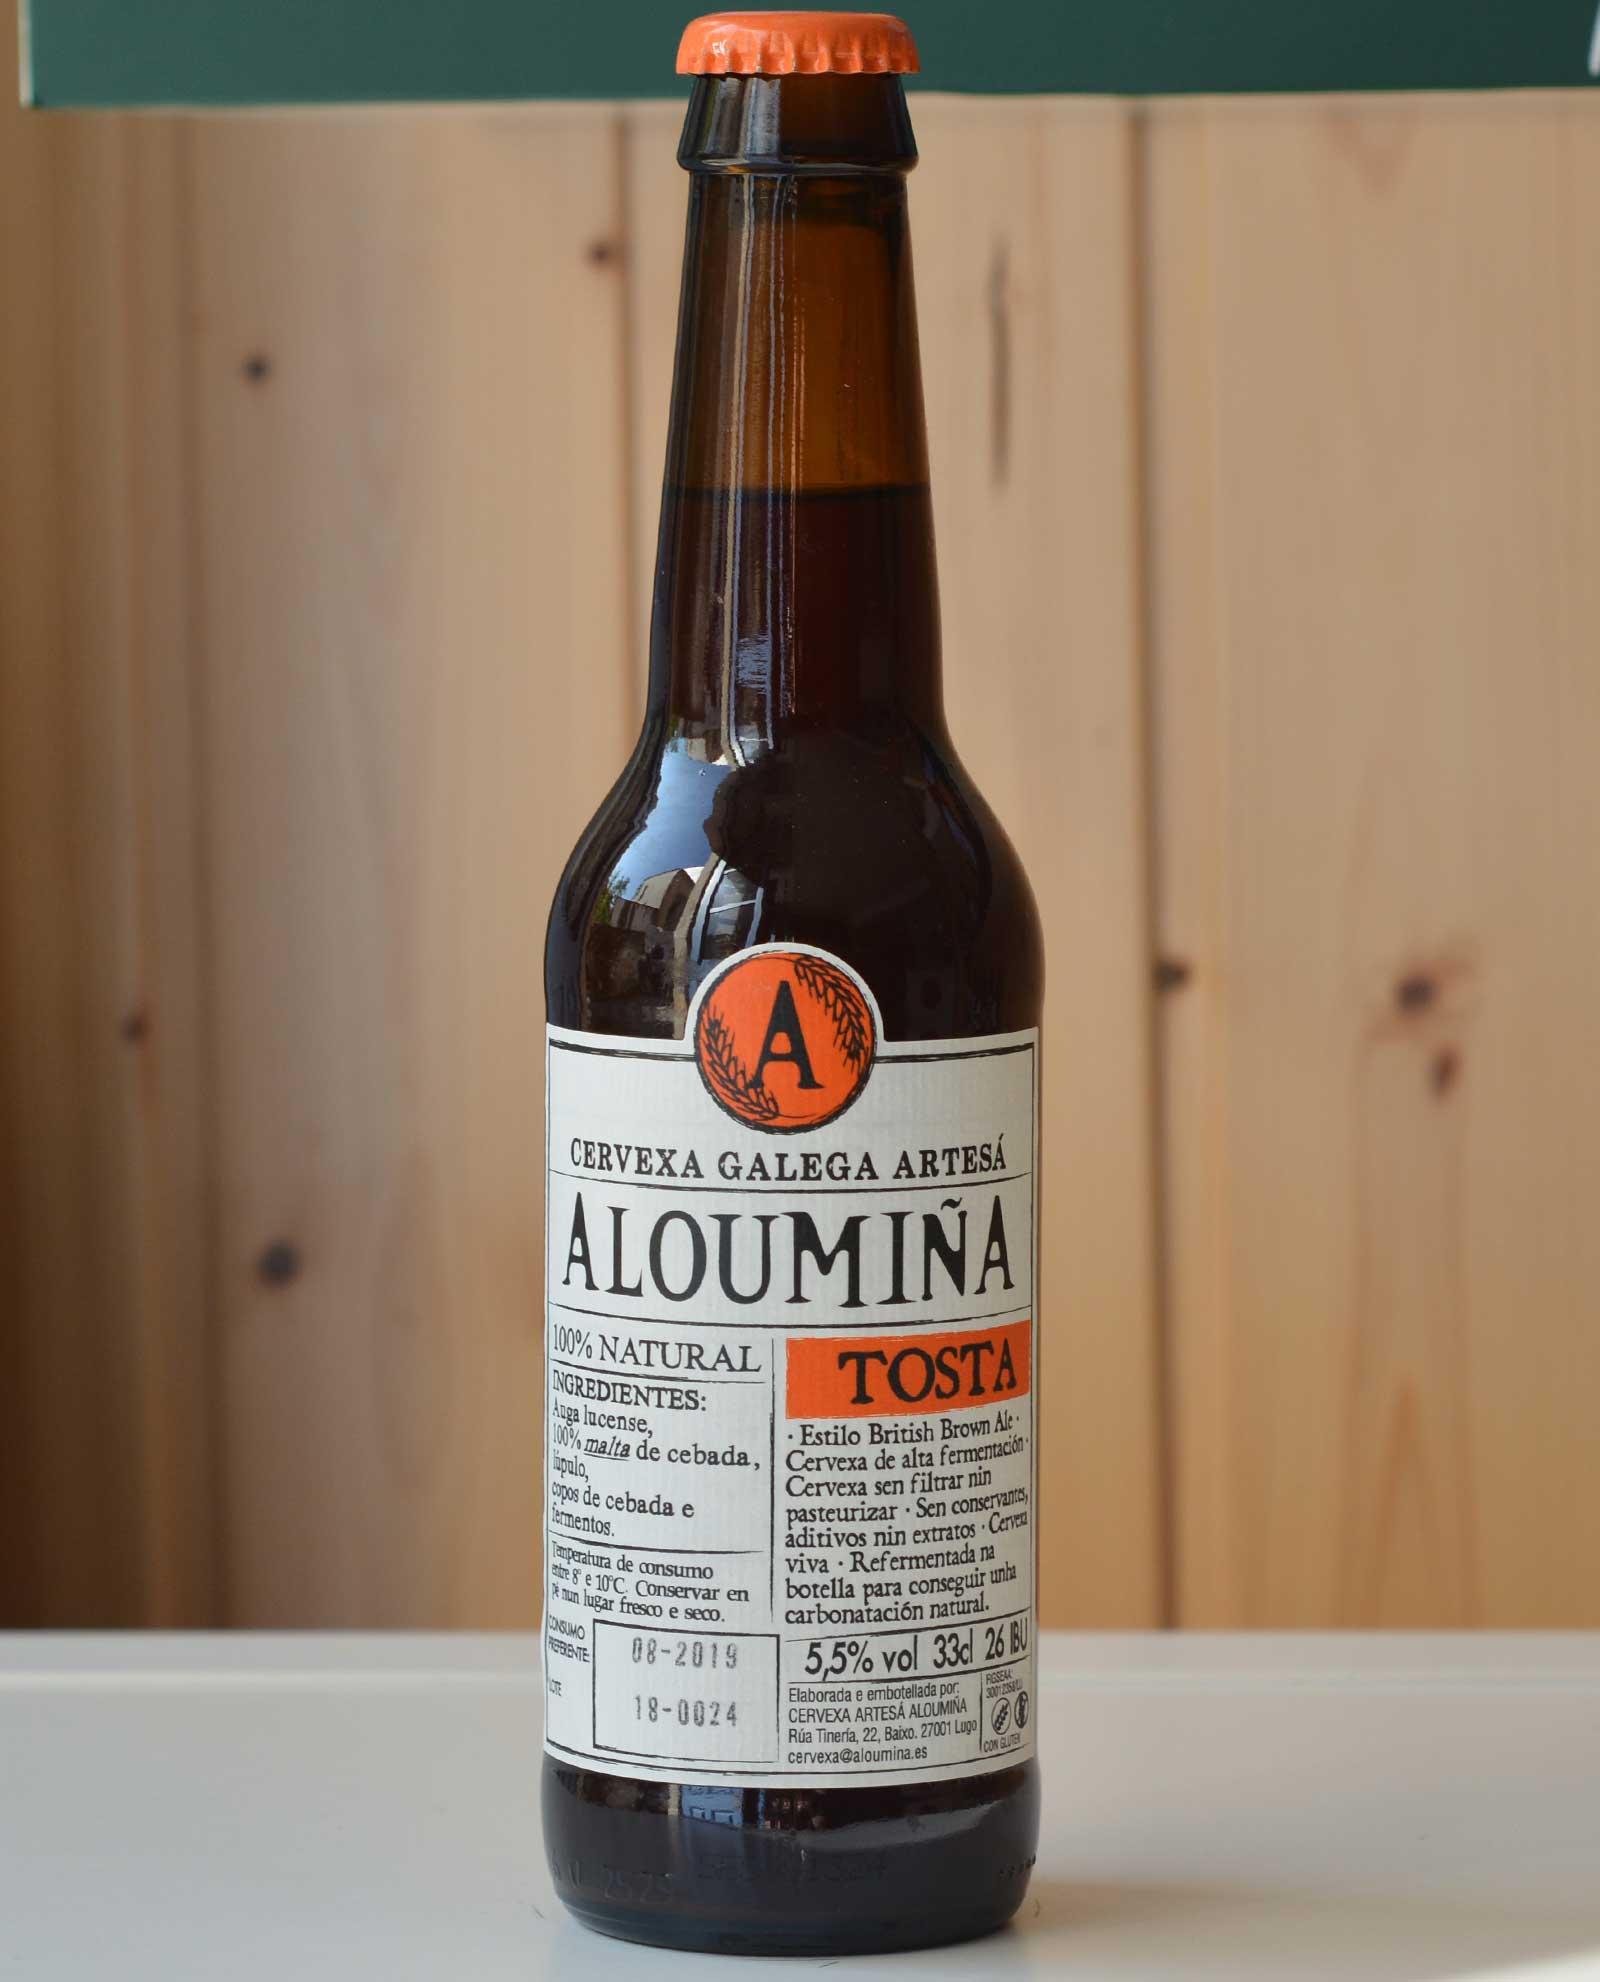 aloumina-cervexa-artesana-craft-beer-tinetipa-tosta-britishbrownale-001c